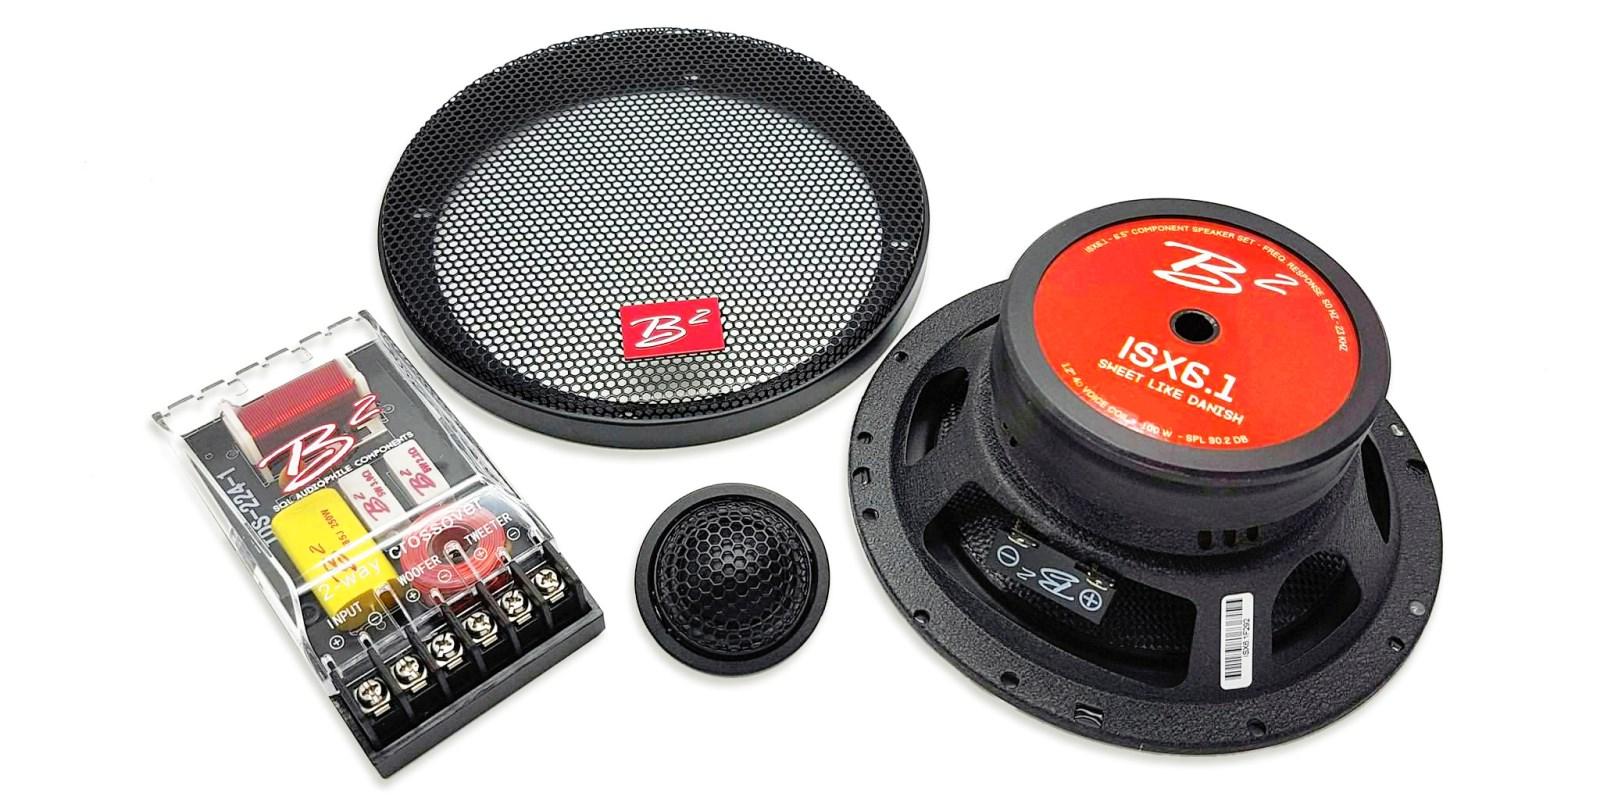 B2 audio ISX61